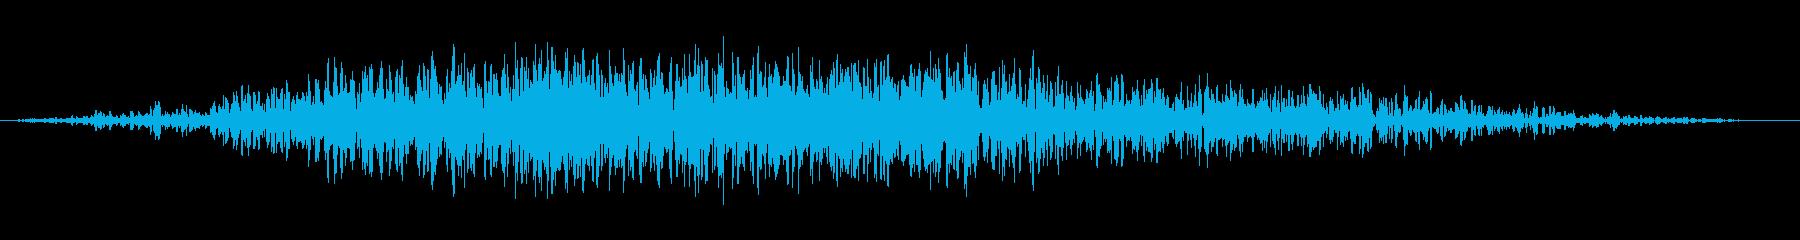 ミステリアススペーススイープ2の再生済みの波形